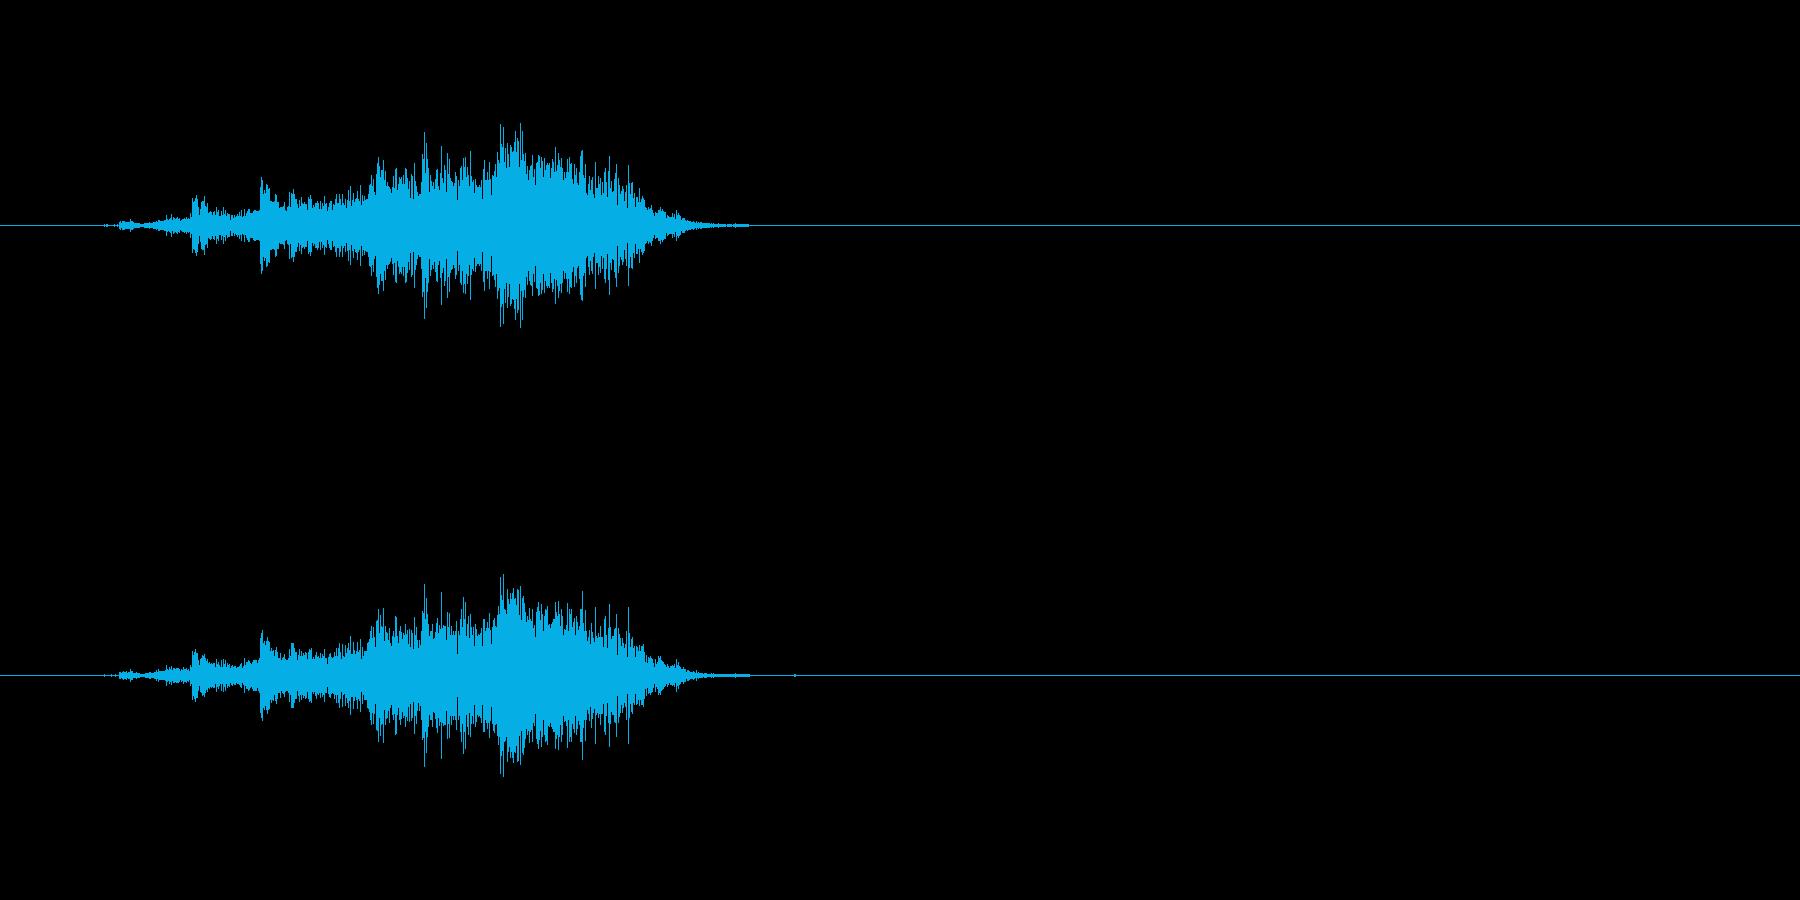 【カーテン01-3】の再生済みの波形